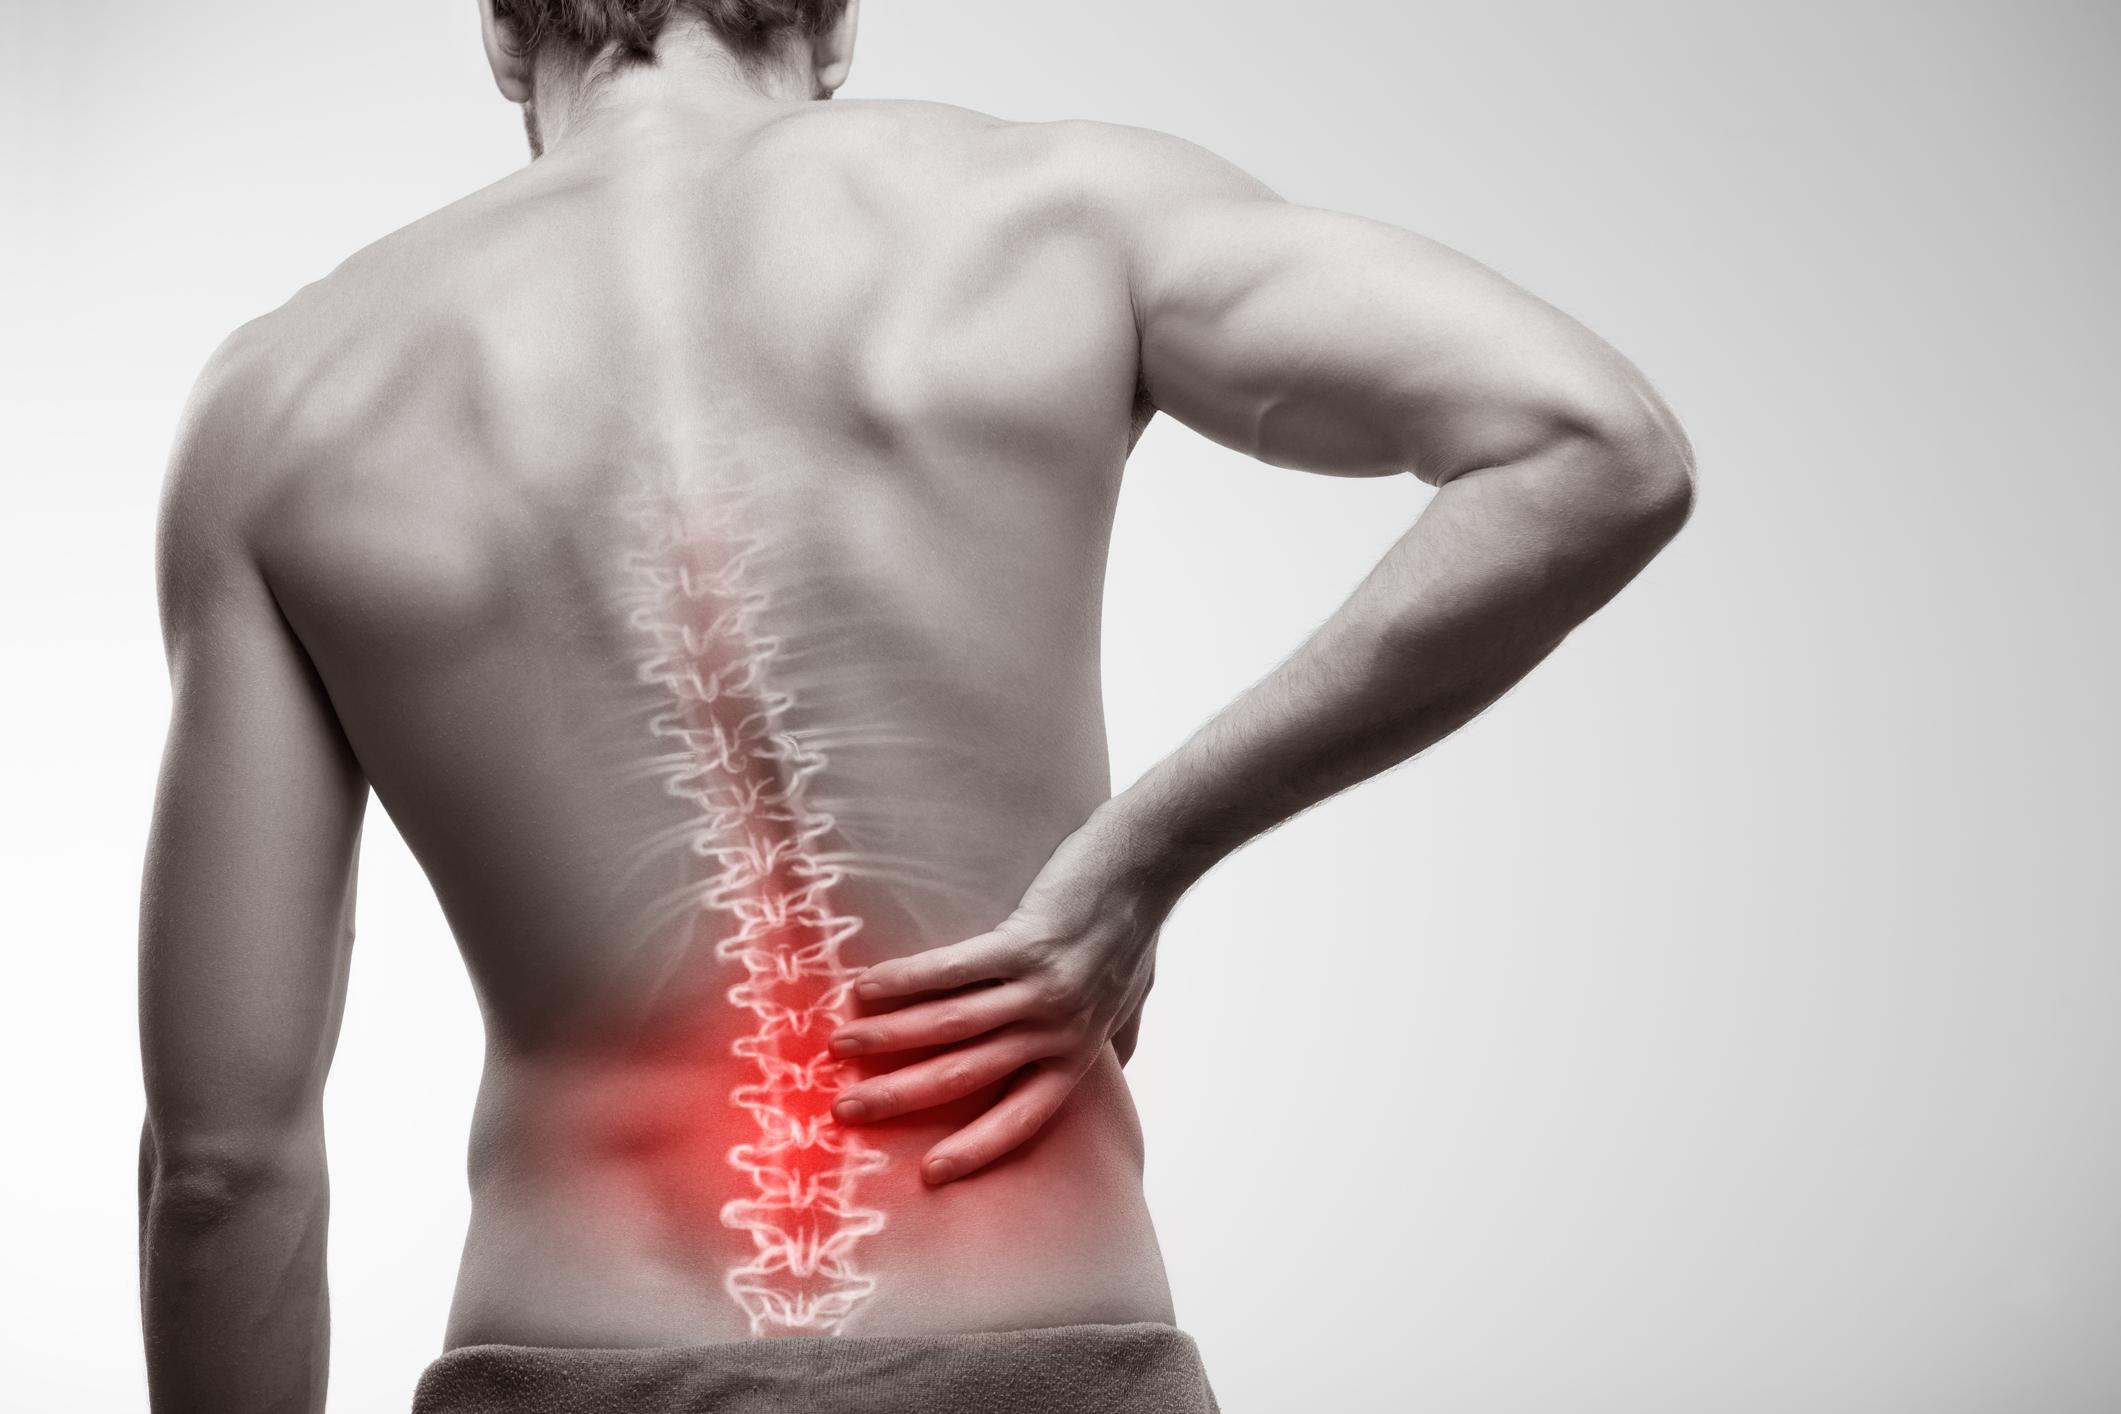 """Muitas vezes começamos a sentir dores na coluna e uma das causas pode ser o """"Bico de Papagaio"""". O corpo vai se ajustando e, com isso, é normal que apareçam algumas complicações em nossa estrutura óssea."""